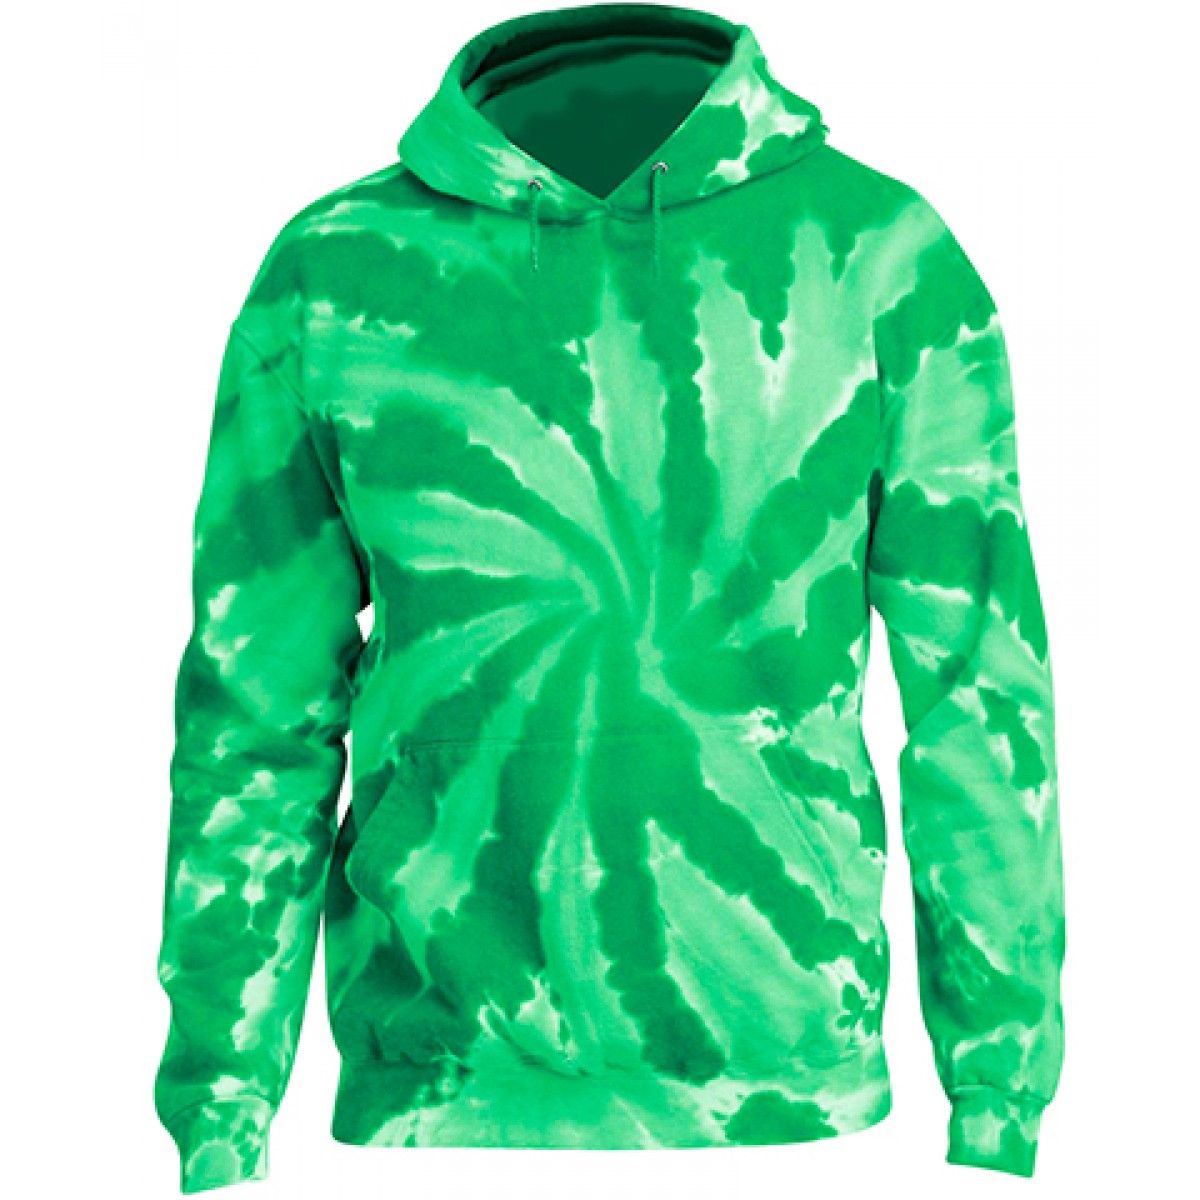 Tie-Dye Pullover Hooded Sweatshirt-Green-L